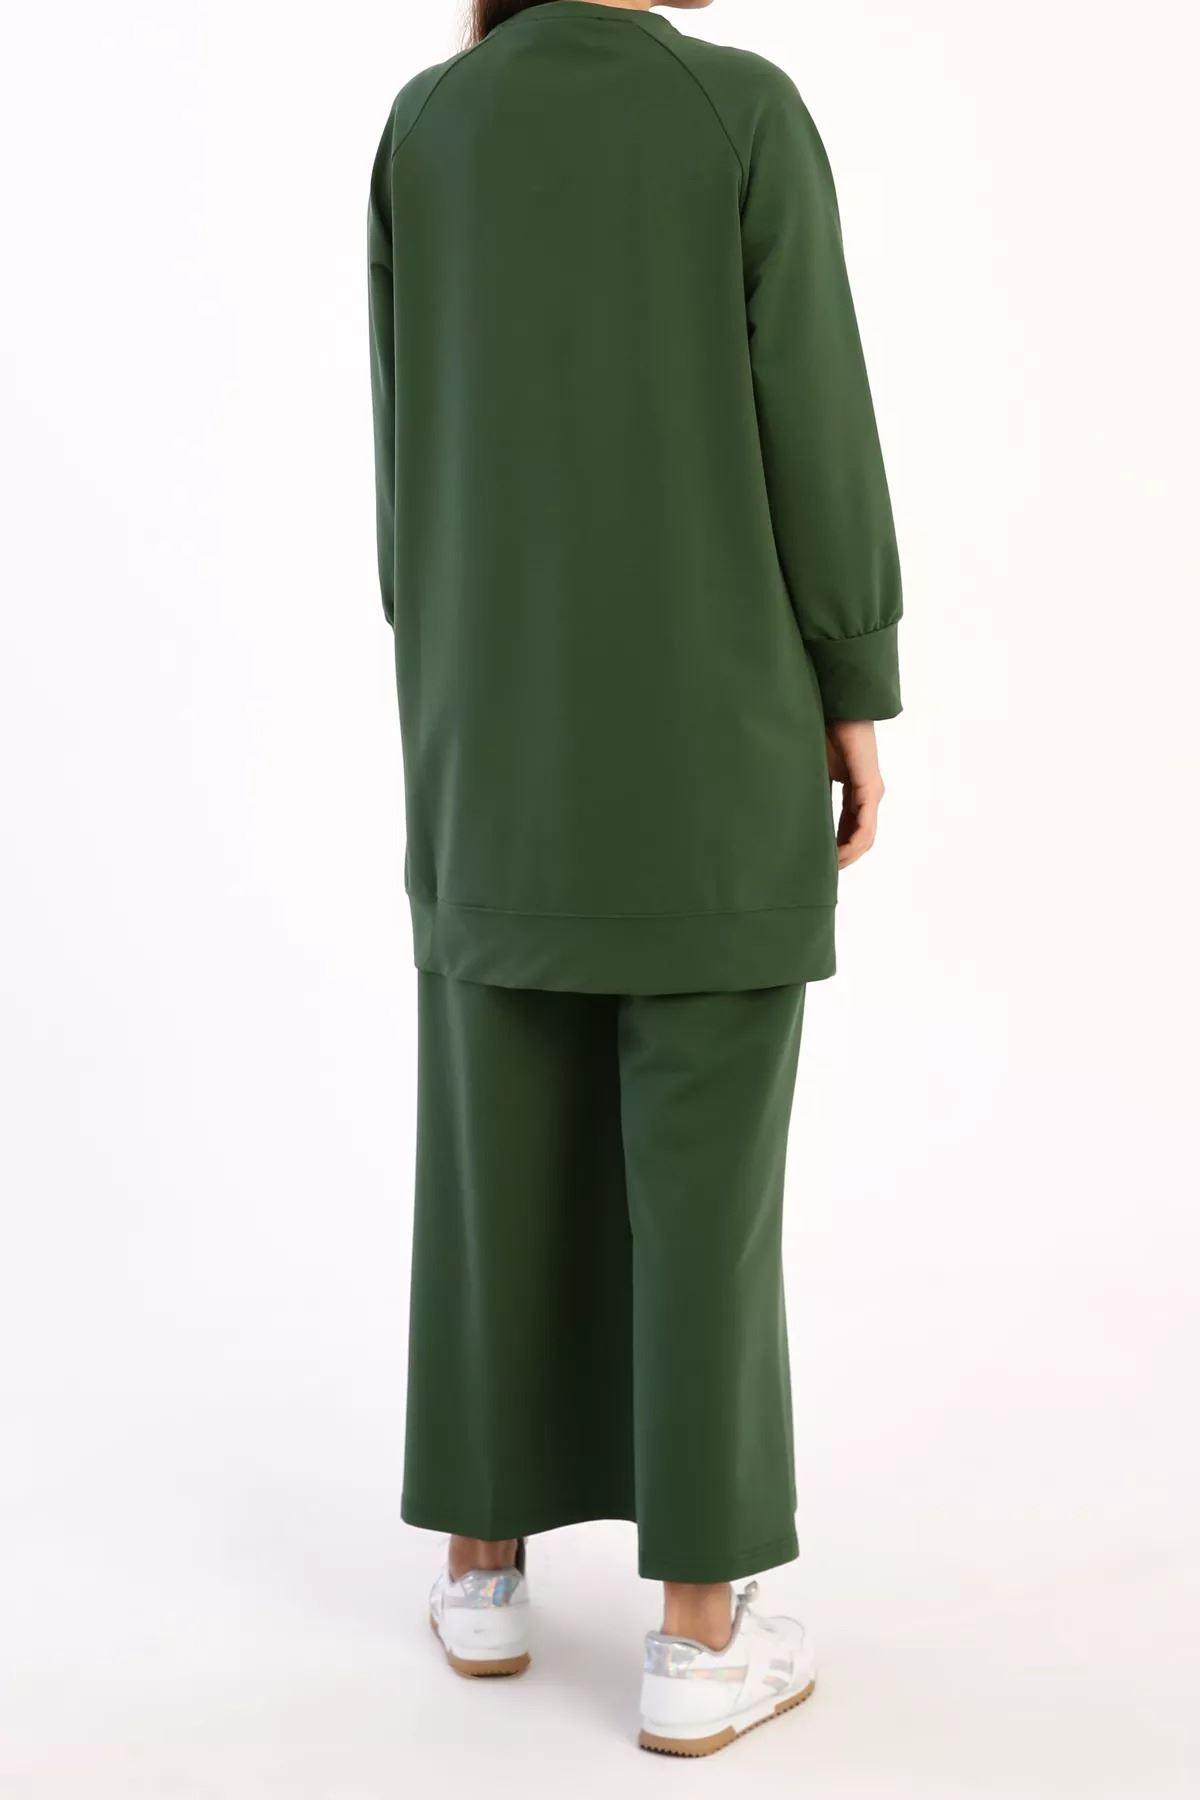 Kadın Baskılı Sweat Tunik - Yosun Yeşili